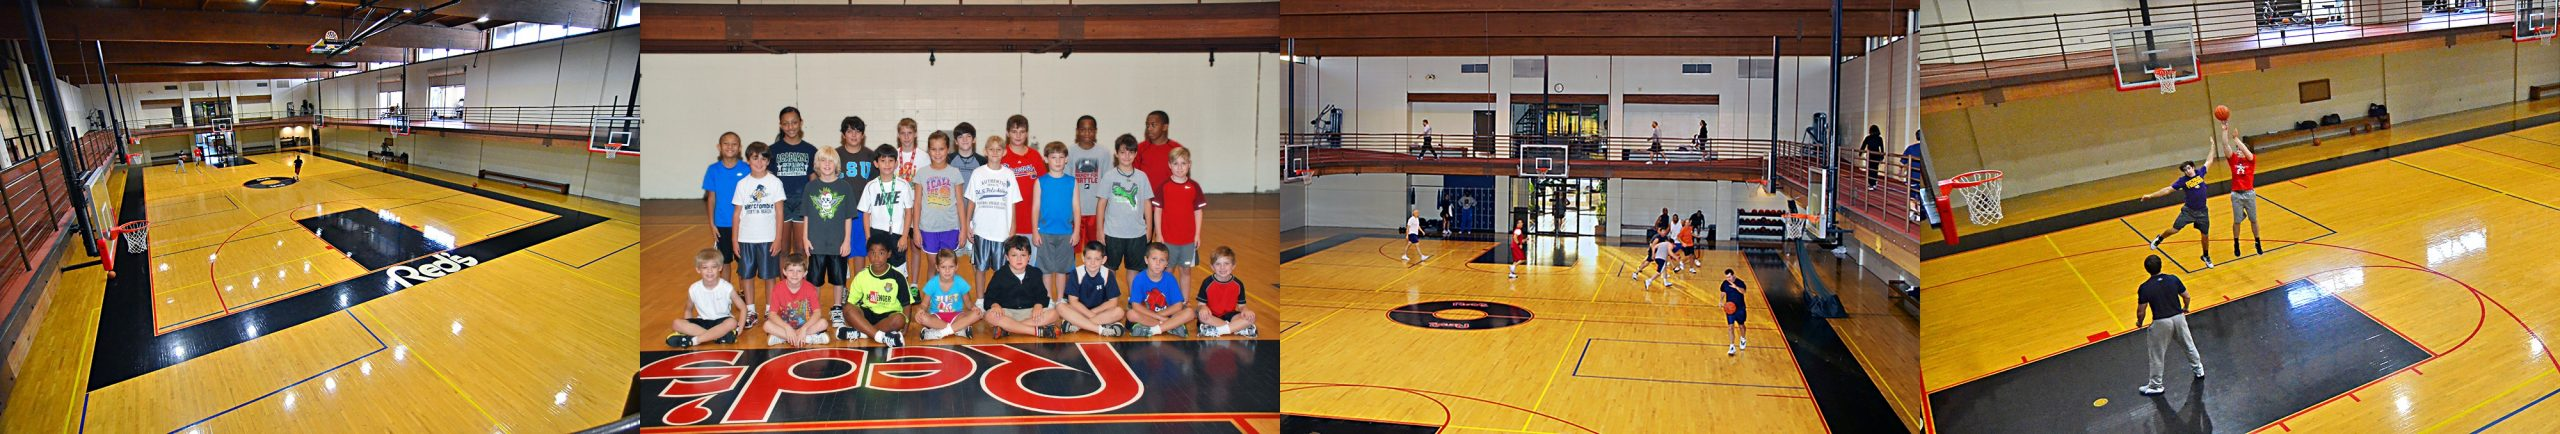 Collegiate basketball court at Red's in Lafayette, La